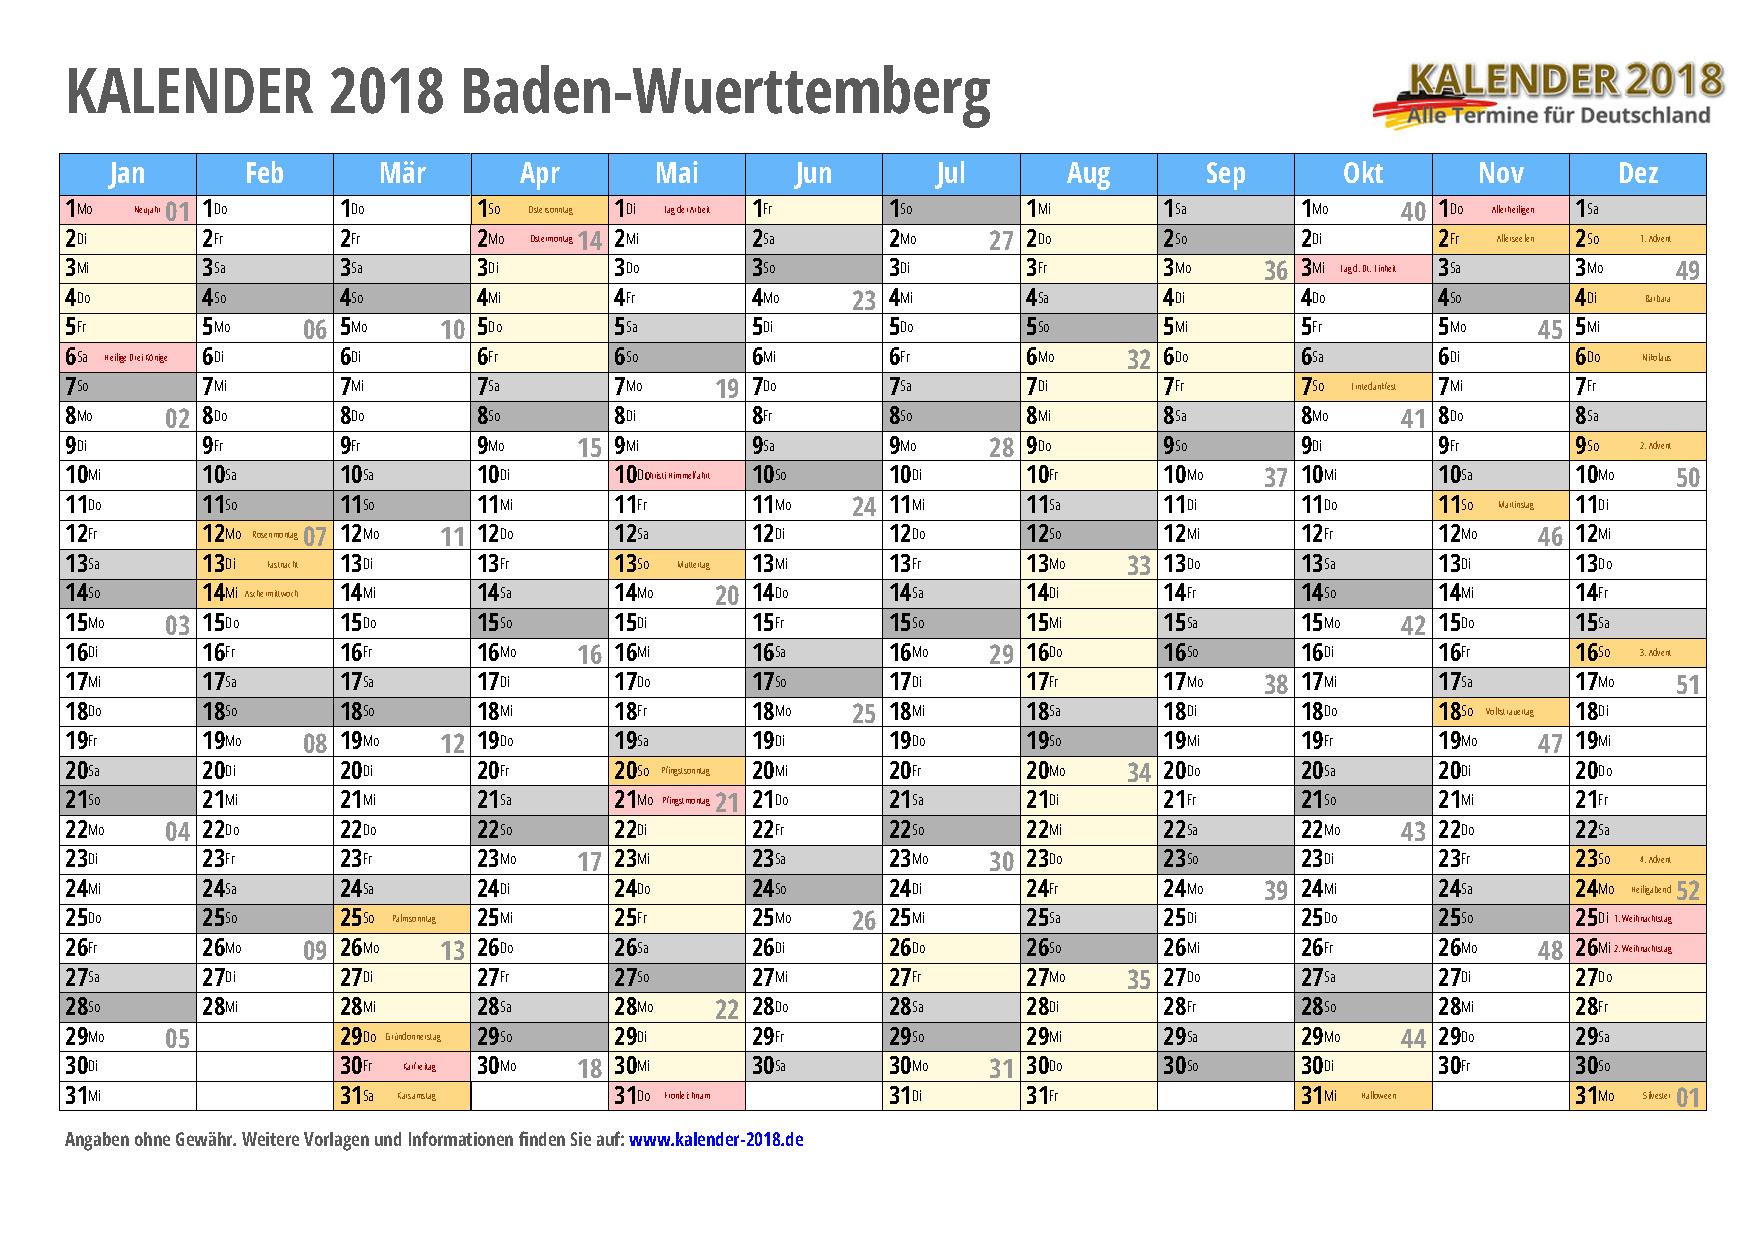 Kalender 2018 Baden Wurttemberg Zum Ausdrucken Kalender 2018